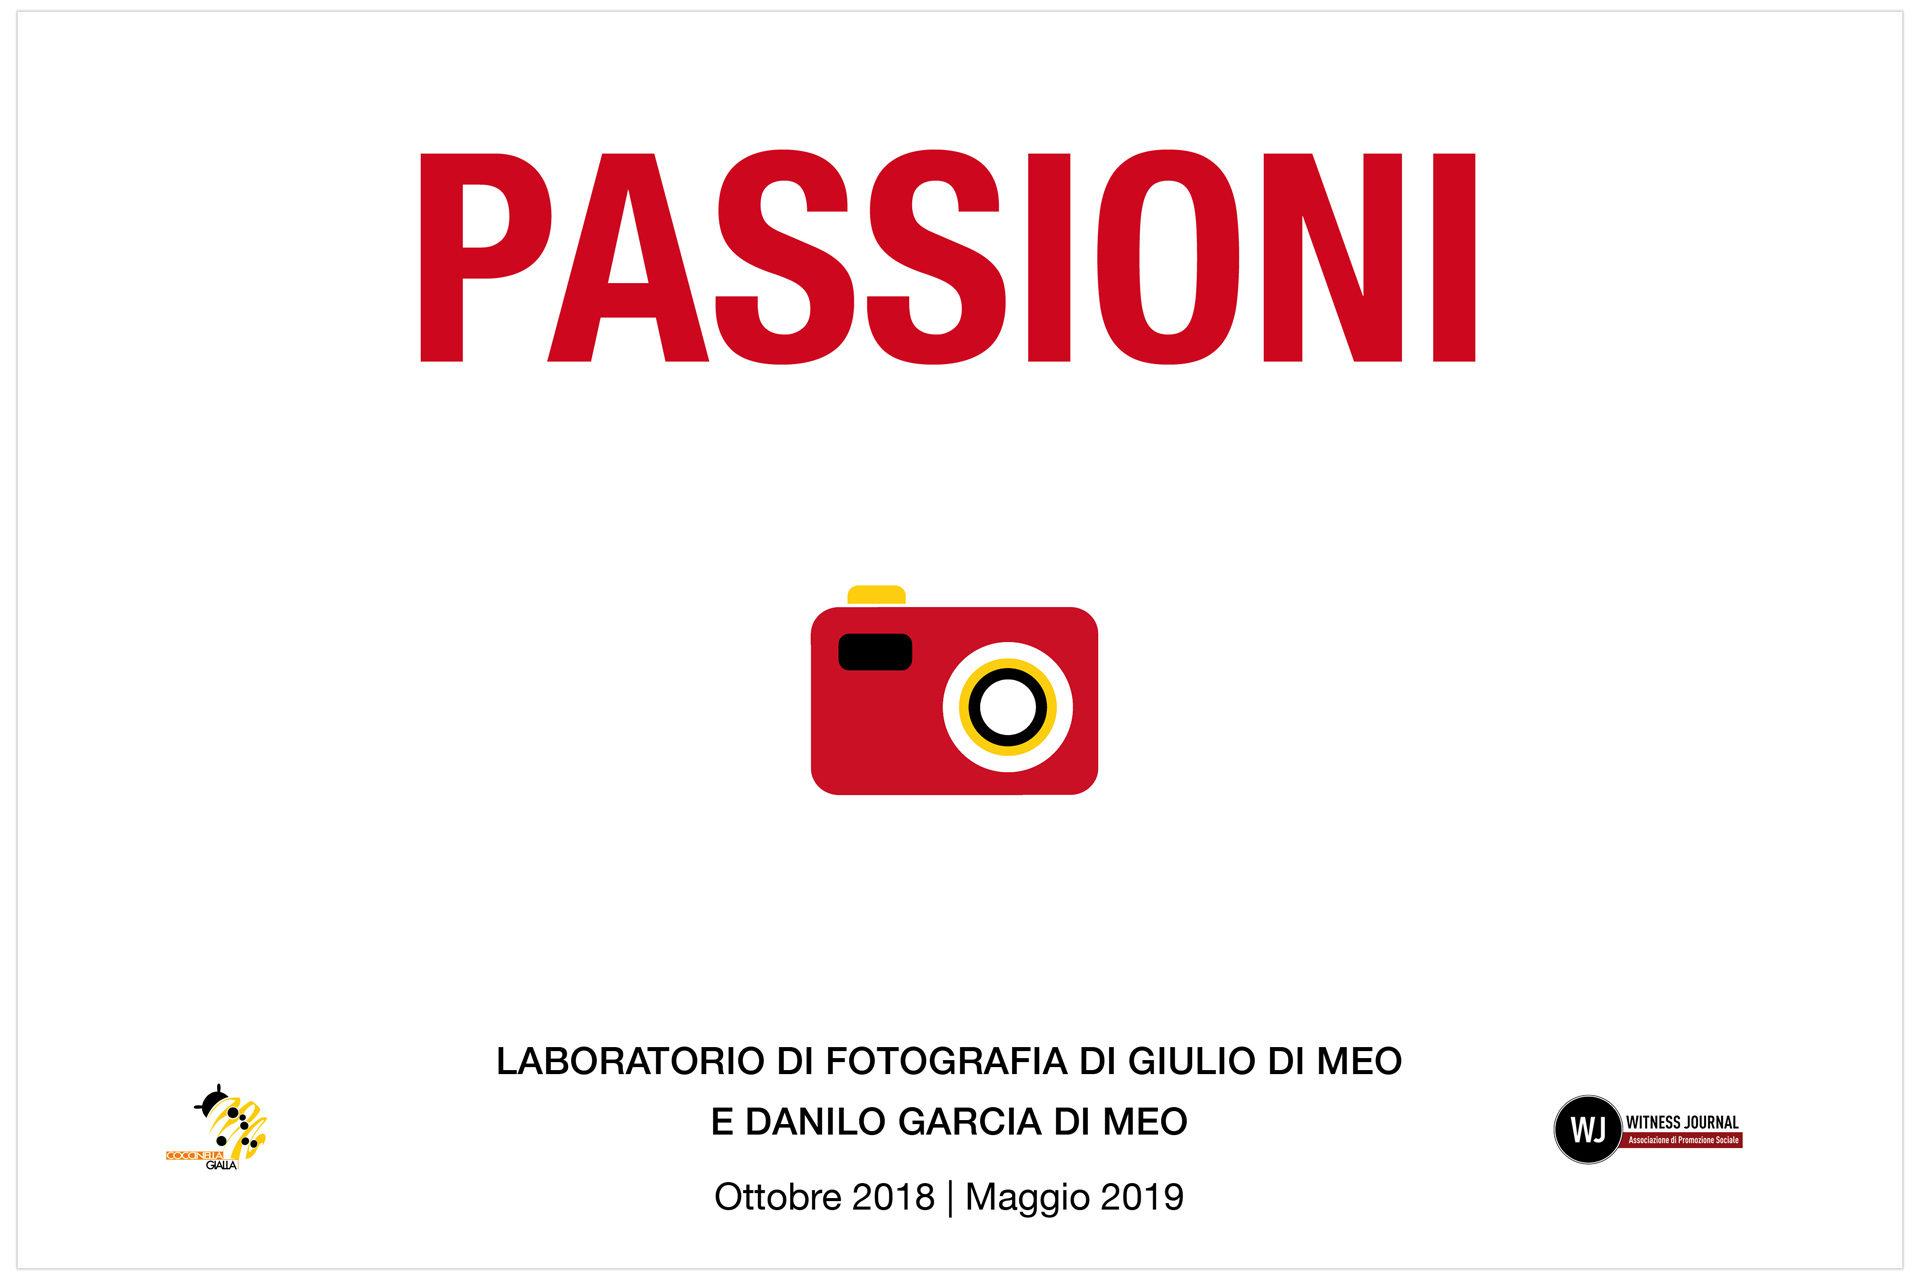 Cento Passioni 001